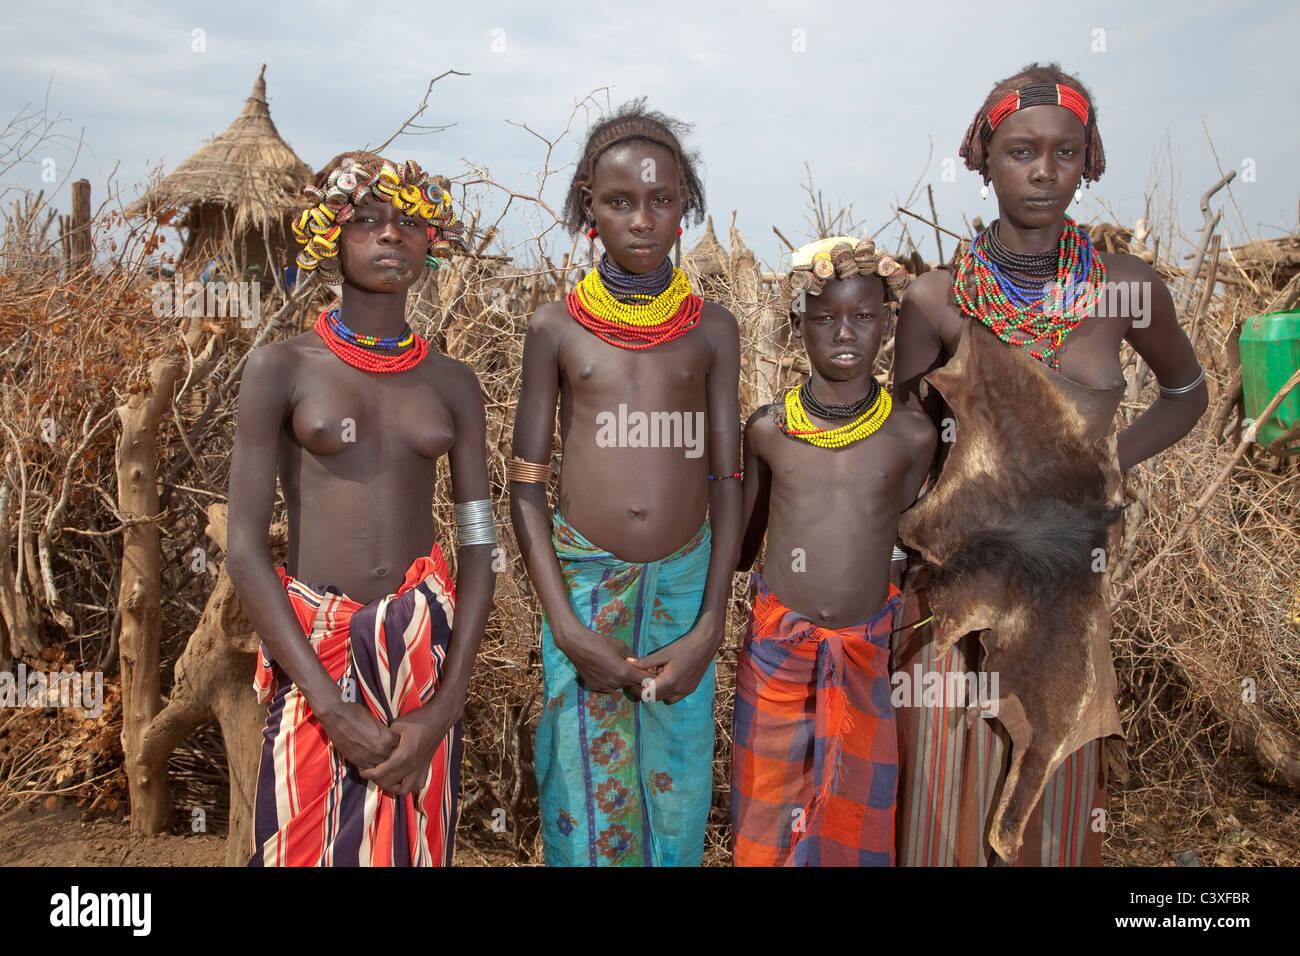 ghana nude tribes girls